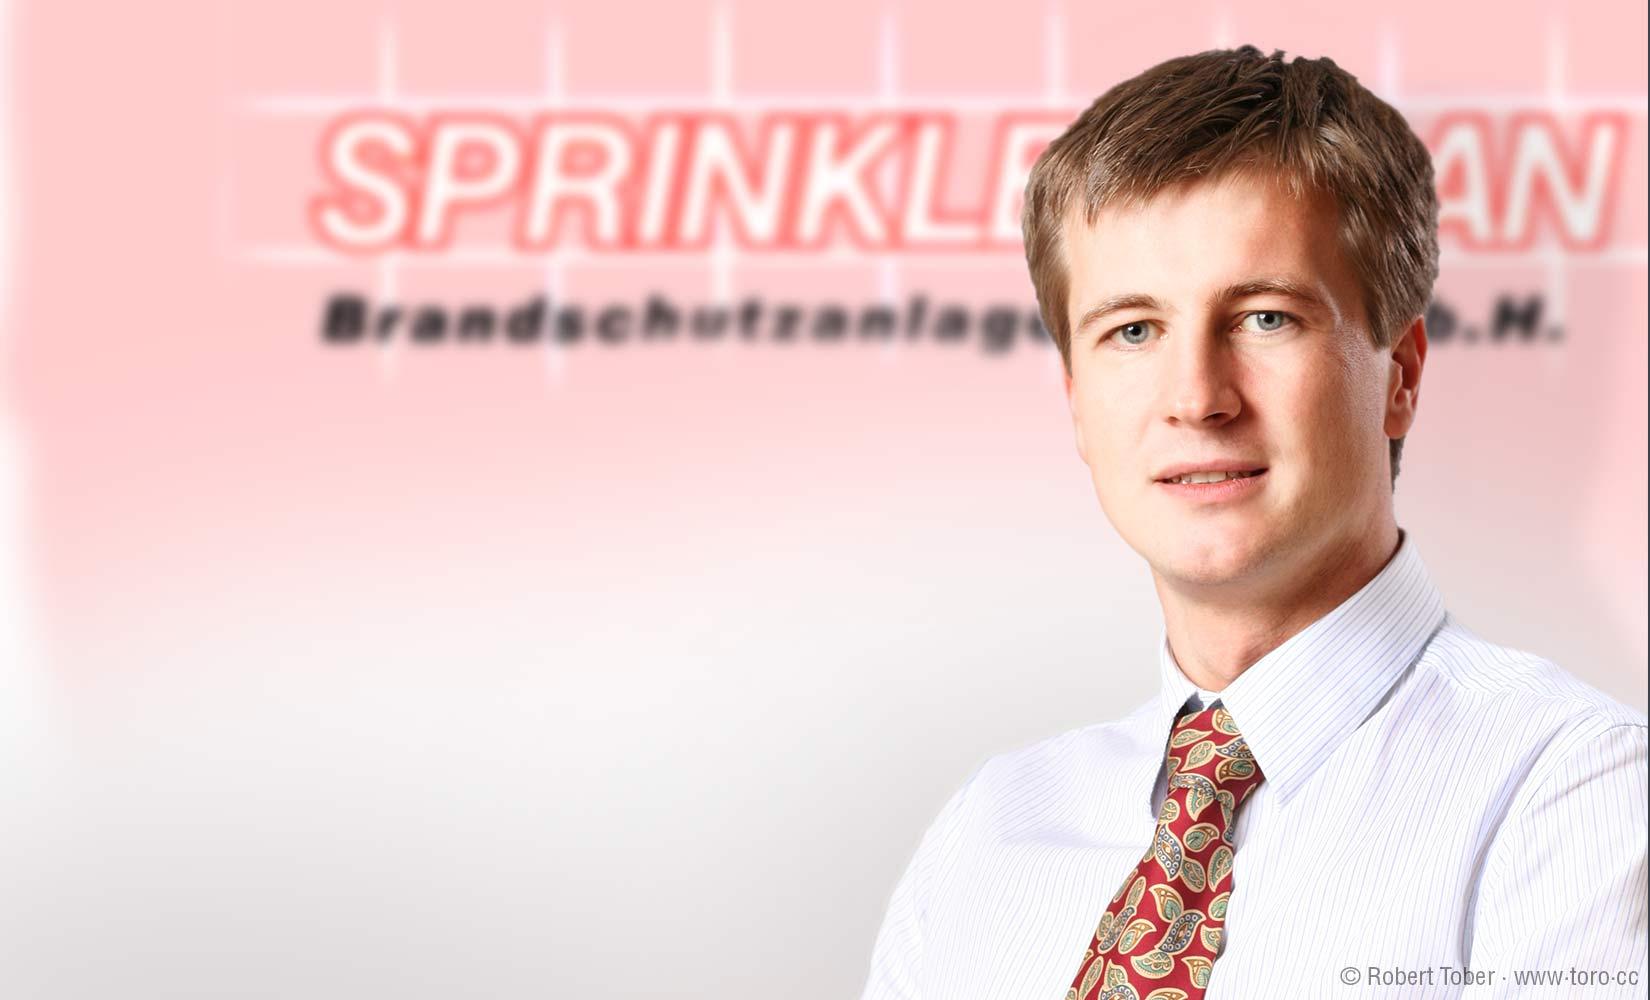 Ing. Werner Hoyer-Weber vor dem alten Sprinklerplan-Logo © Robert Tober